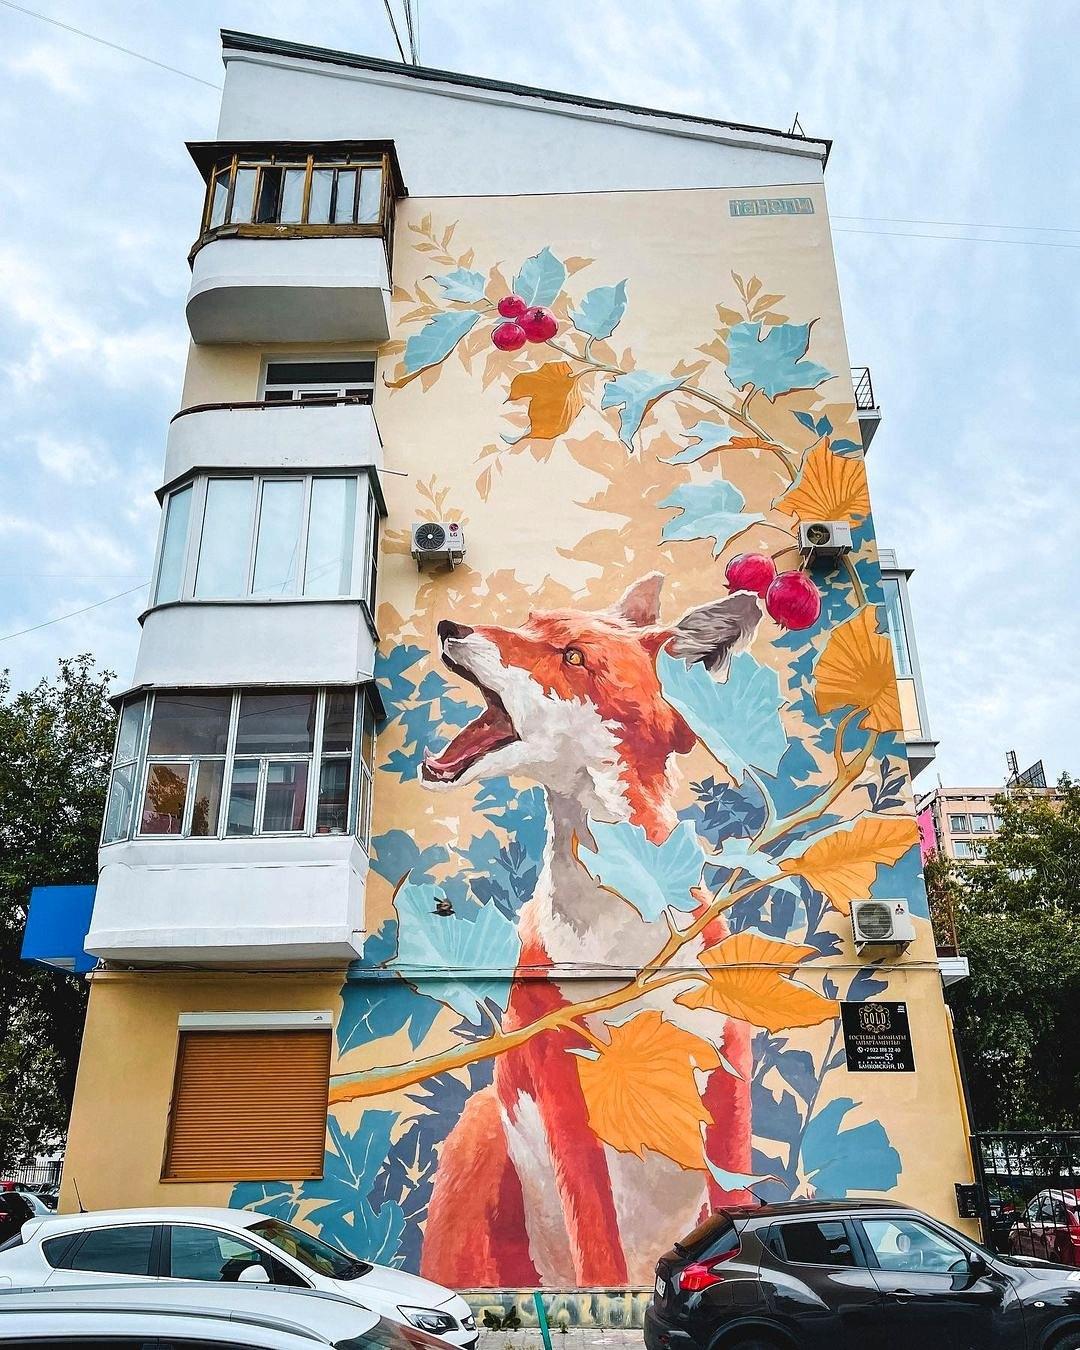 Taneli Stenberg @ Yekaterinburg, Russia